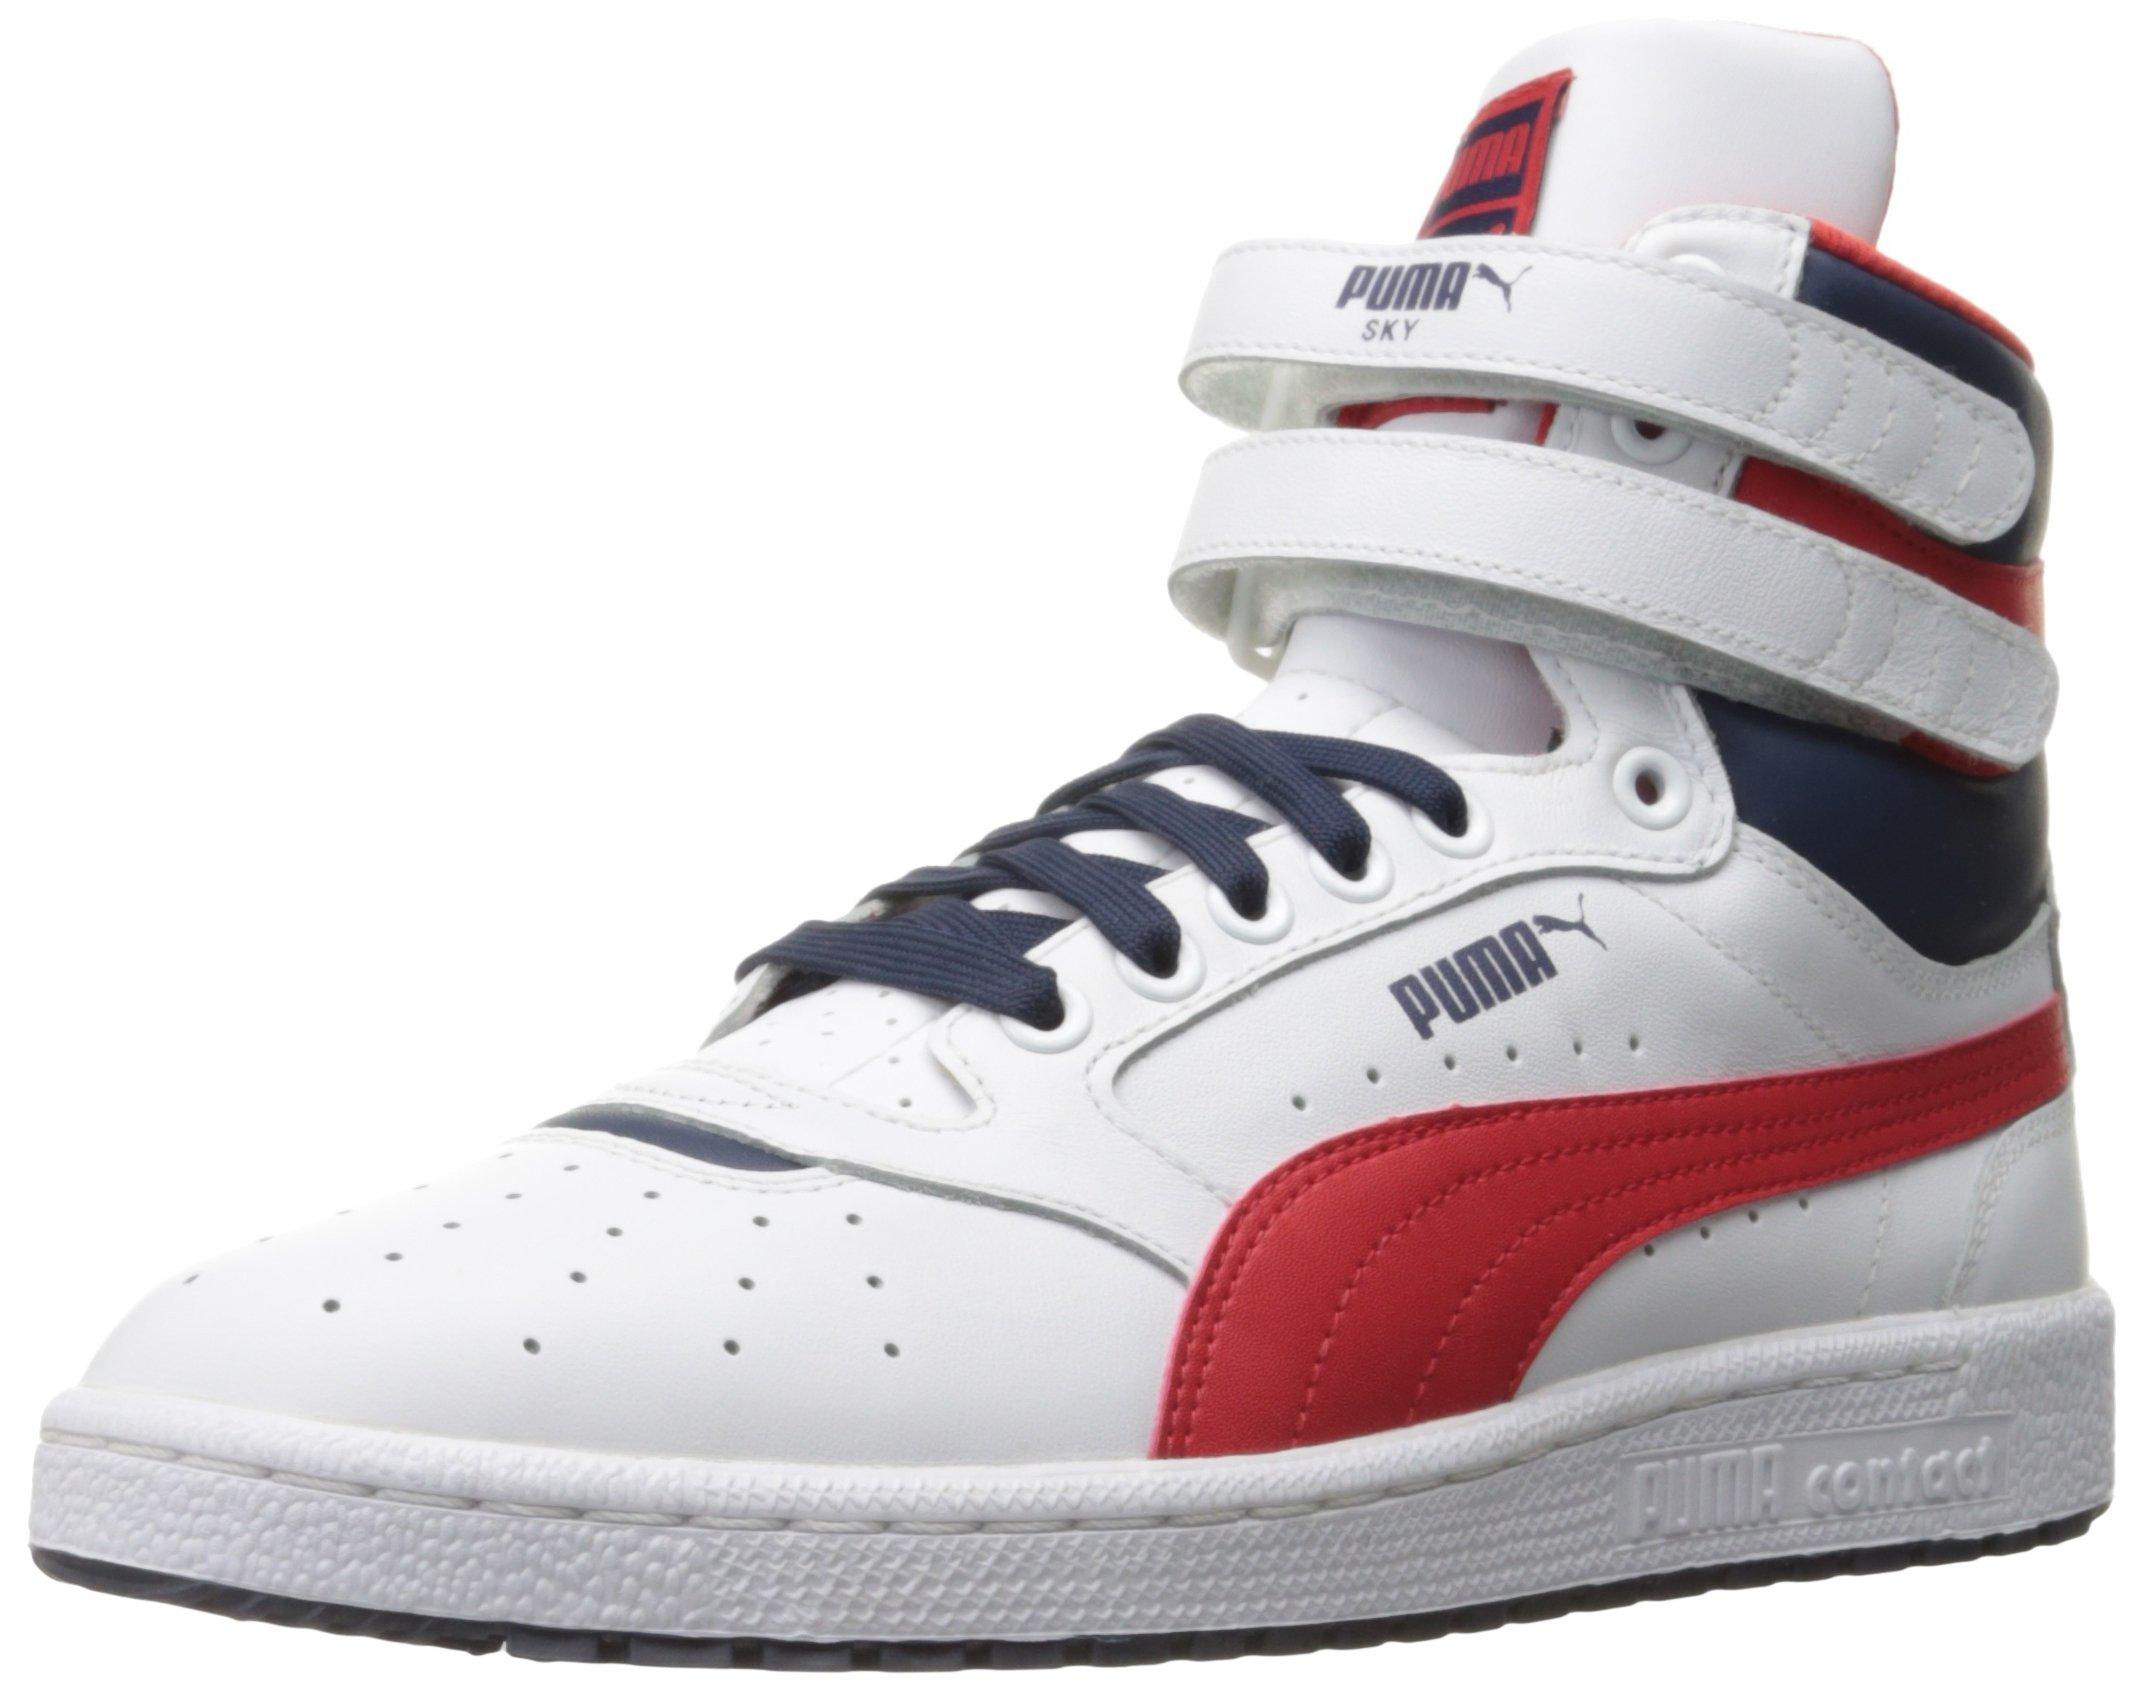 3a96d31c31b ... france puma mens sky ii hi fg fashion sneakers 6d0aa d4560